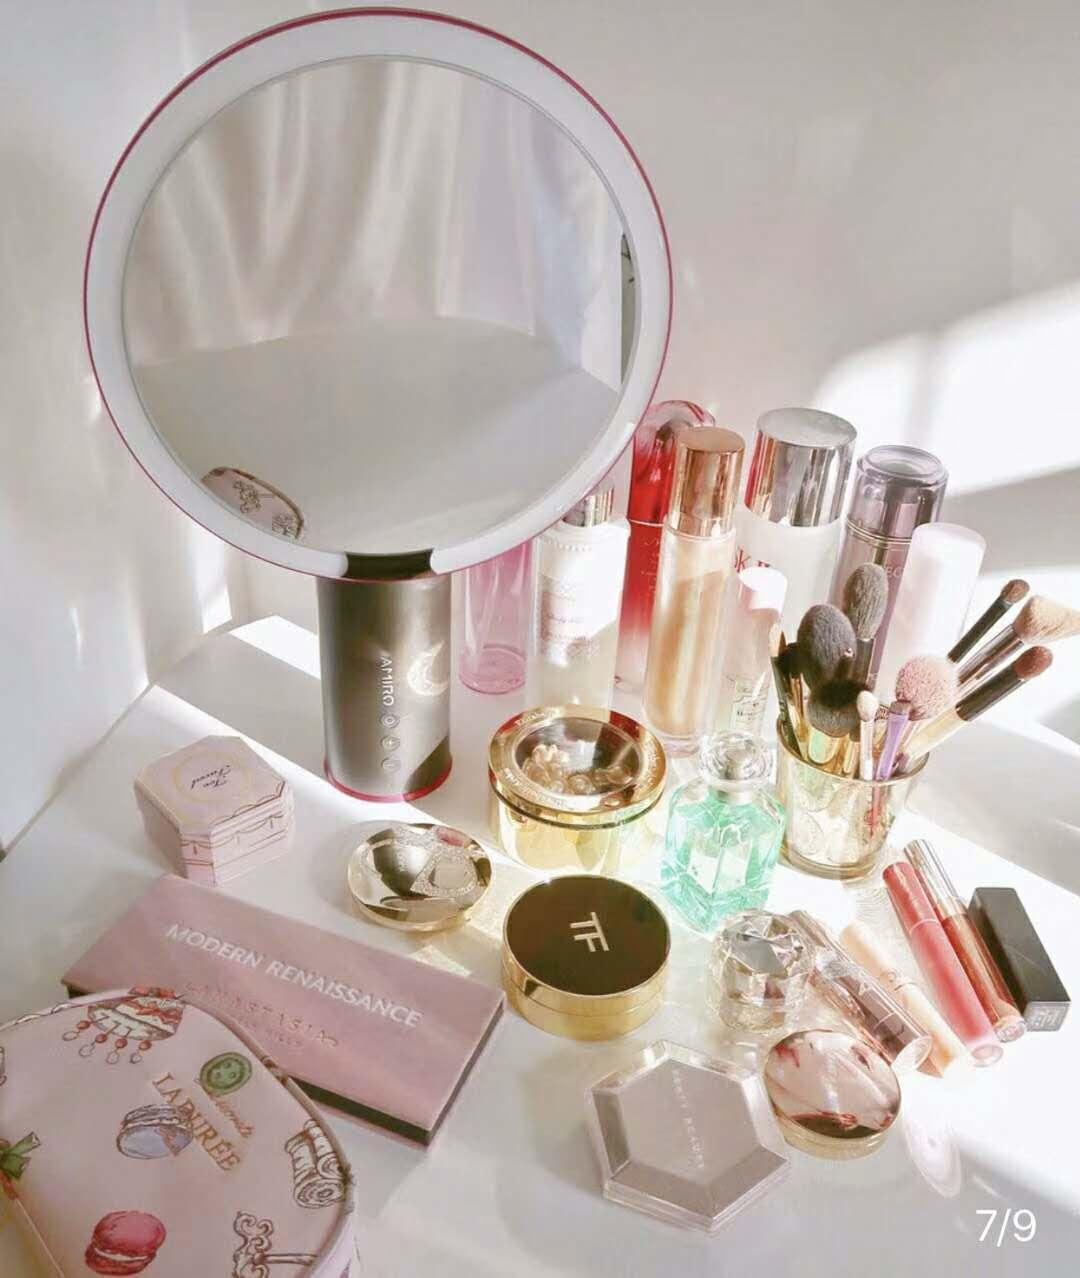 正確化妝步驟不可少AMIRO 美妝鏡